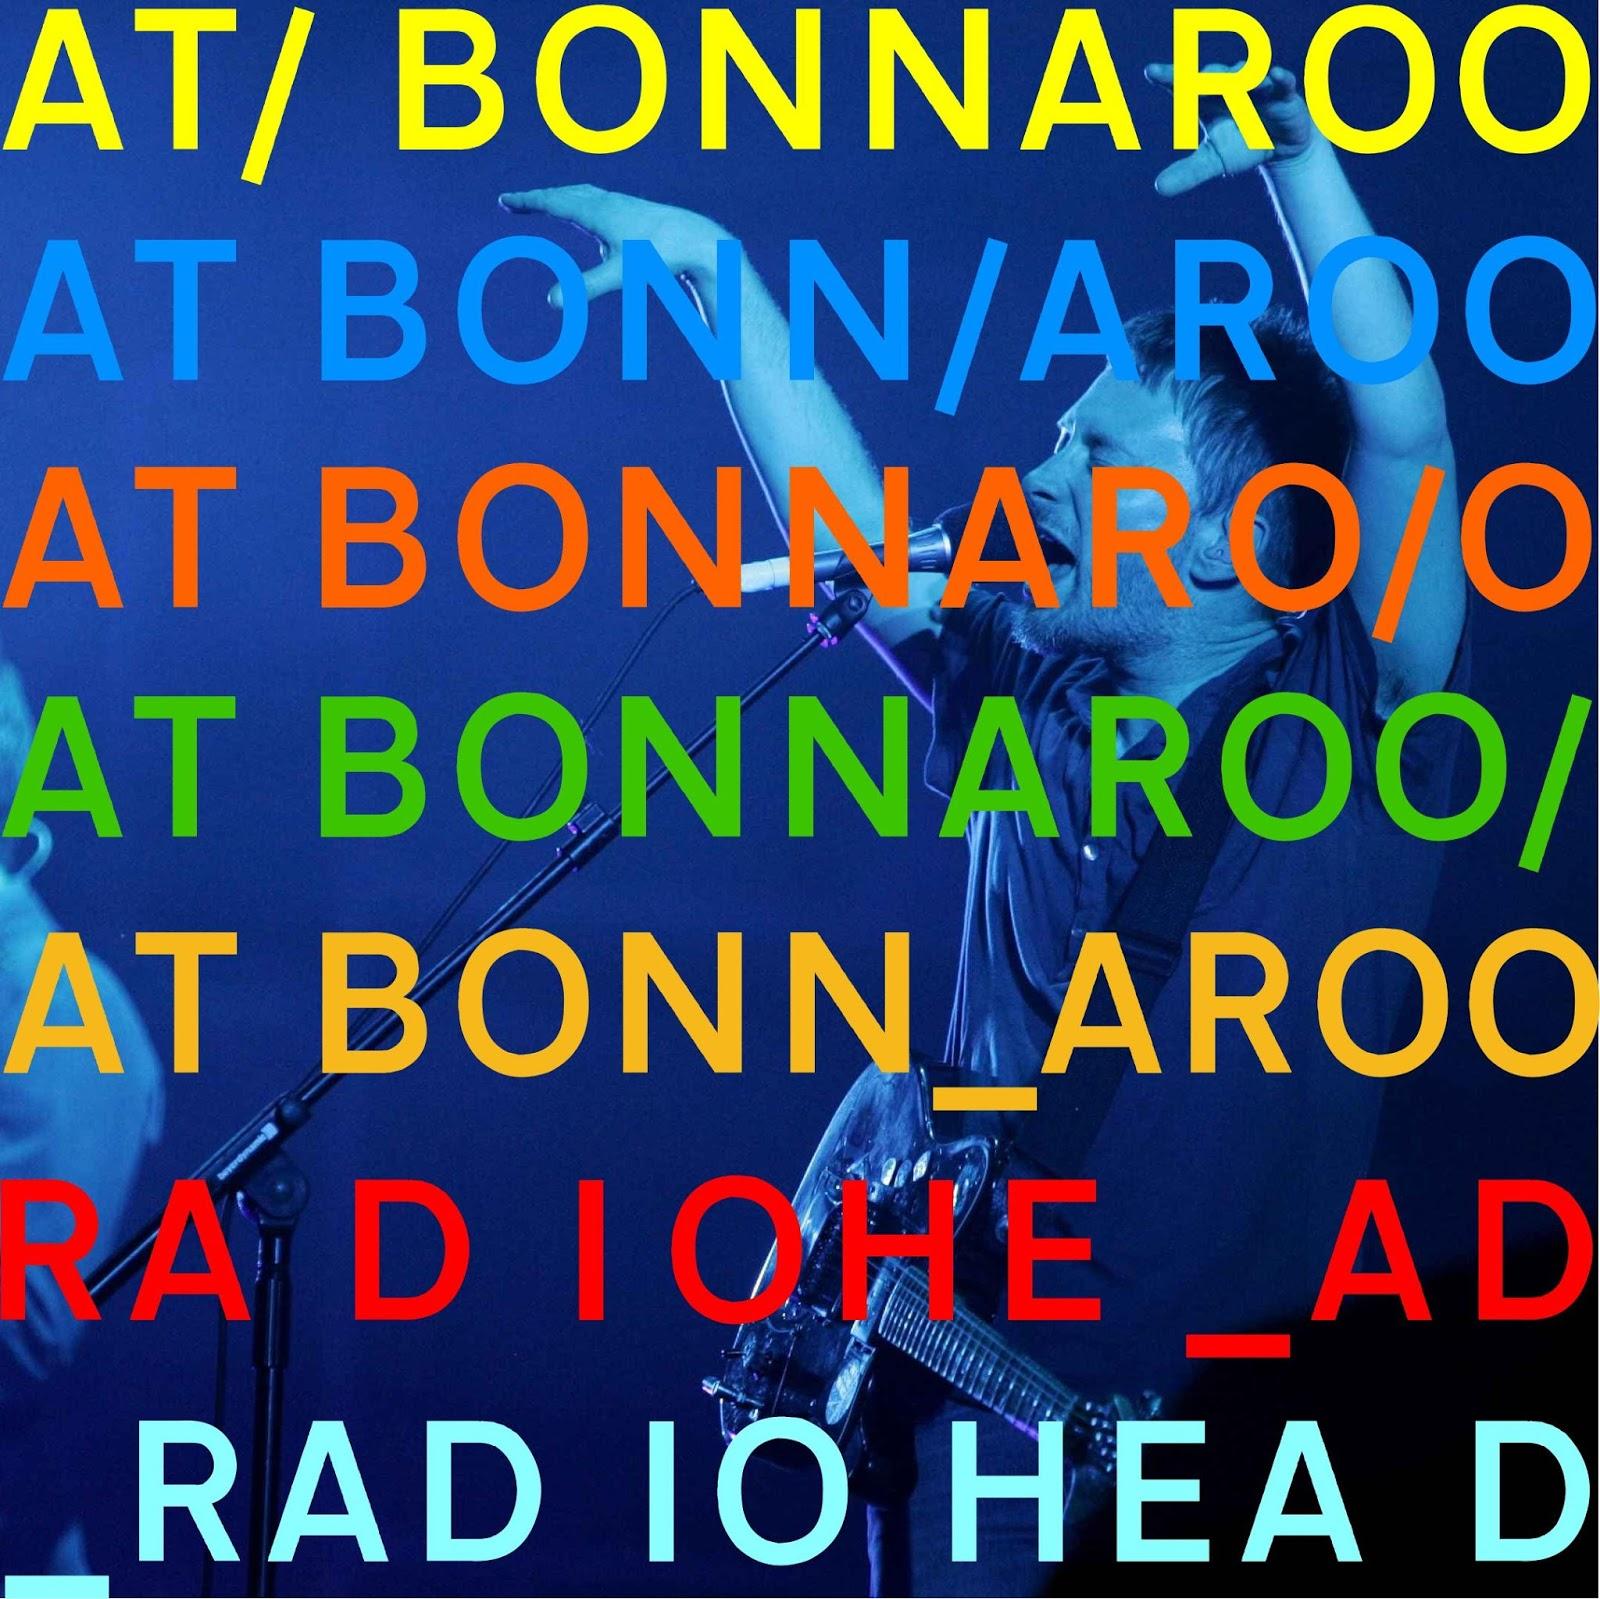 Resultado de imagen para Radiohead - Bonnaroo